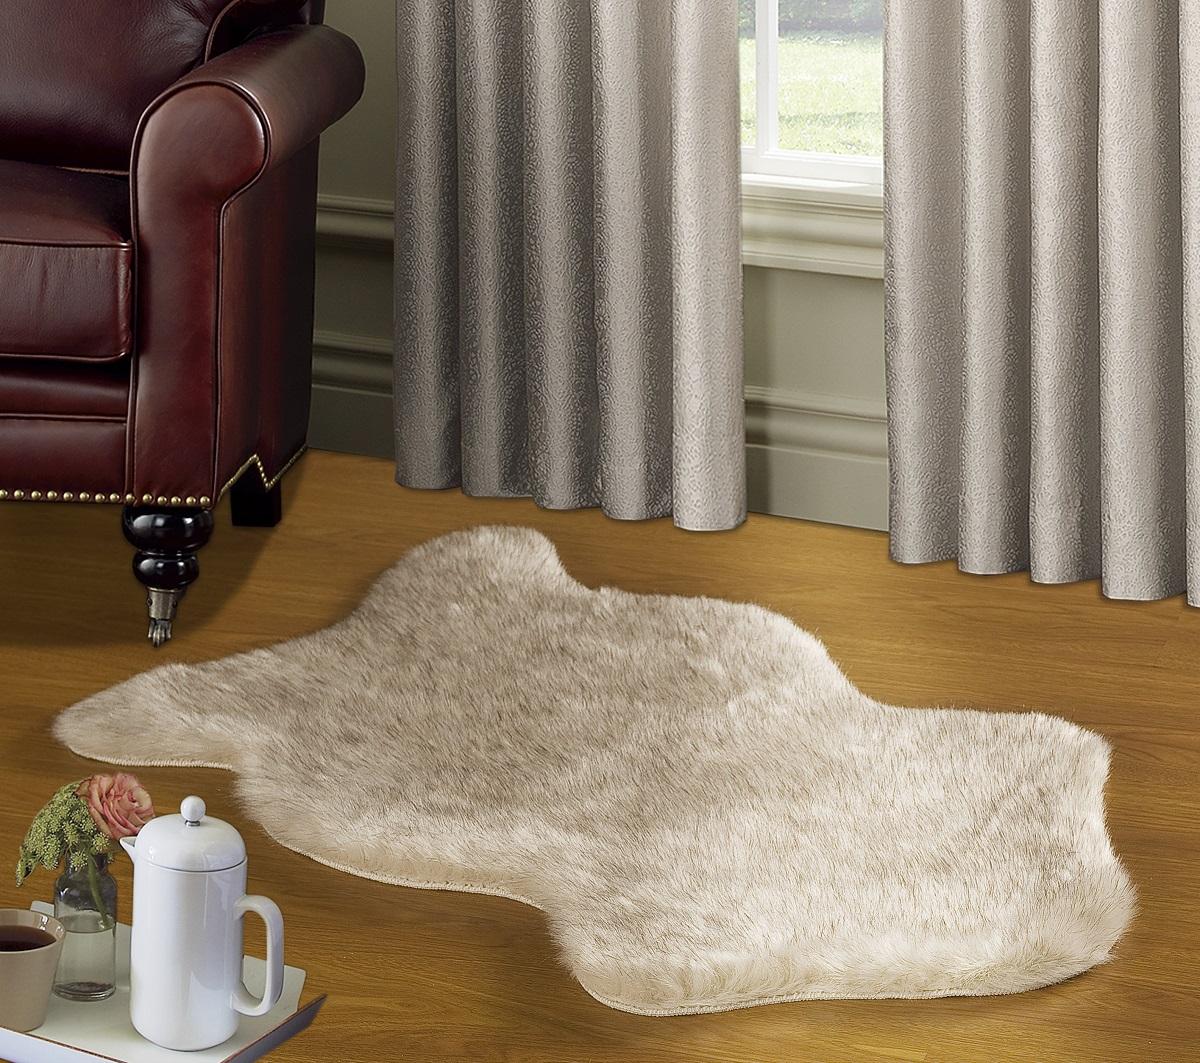 Коврик Modalin Manal, цвет: кремовый, 50 х 90 см5006/CHAR002Коврик Modalin Manal выполнен из искусственного меха. Изделие долго прослужит в вашем доме, добавляя тепло и уют, а также внесет неповторимый колорит в интерьер.